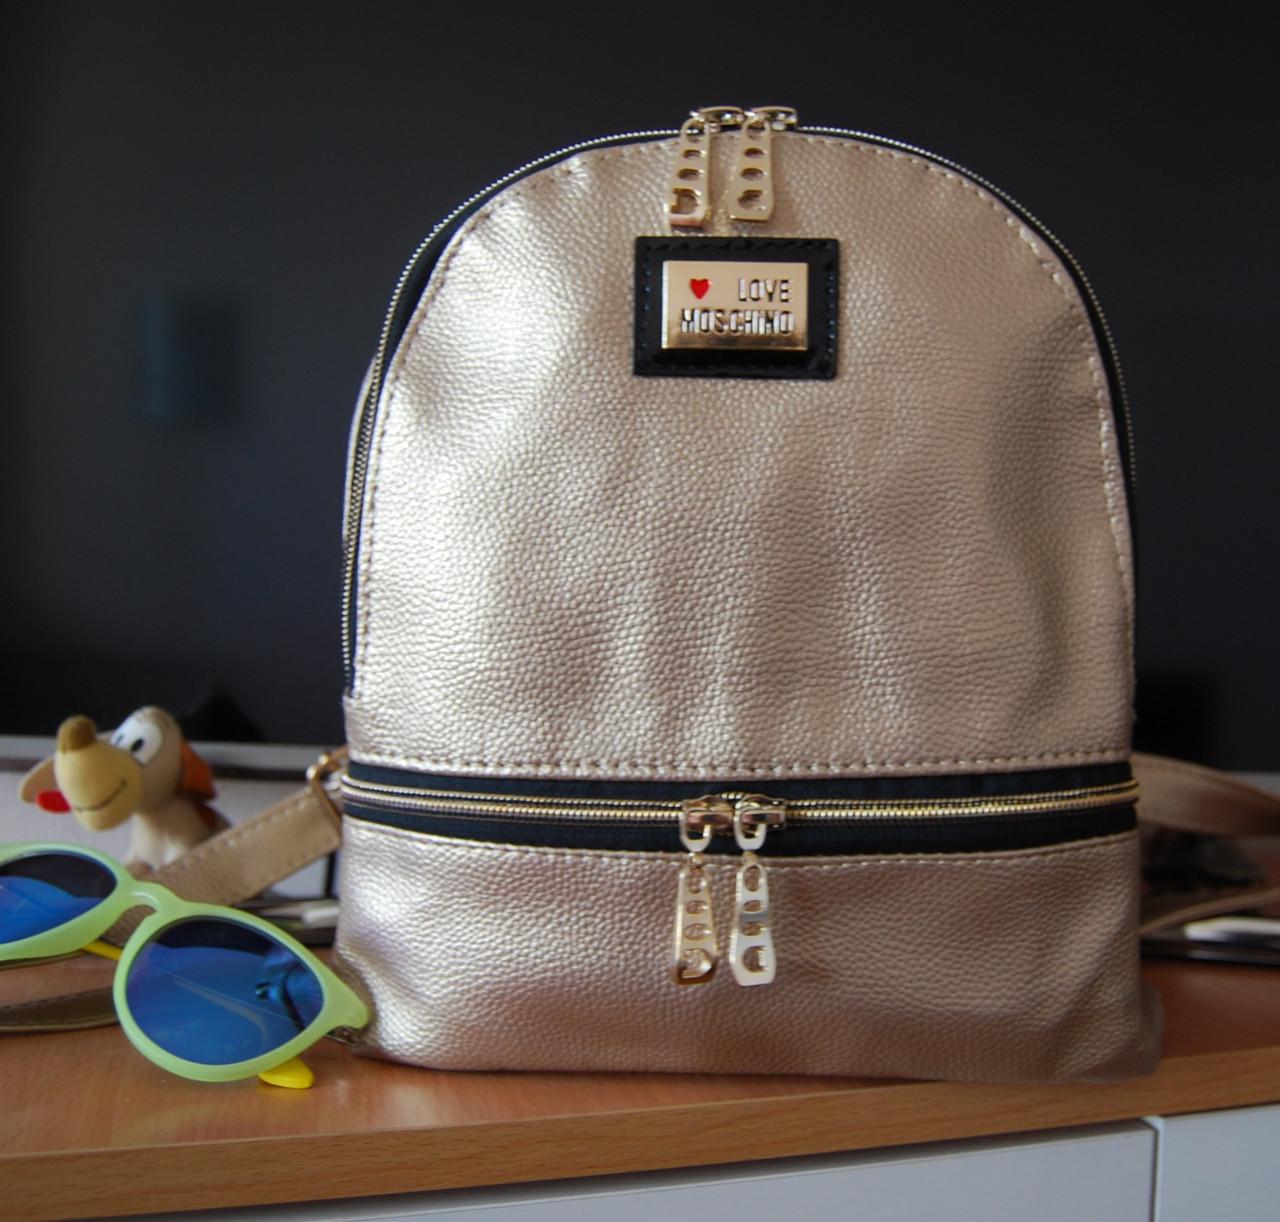 Женский рюкзак Moschino. Городской рюкзак. Стильный рюкзак. Молодёжный рюкзак. Лучшие рюкзаки., фото 1